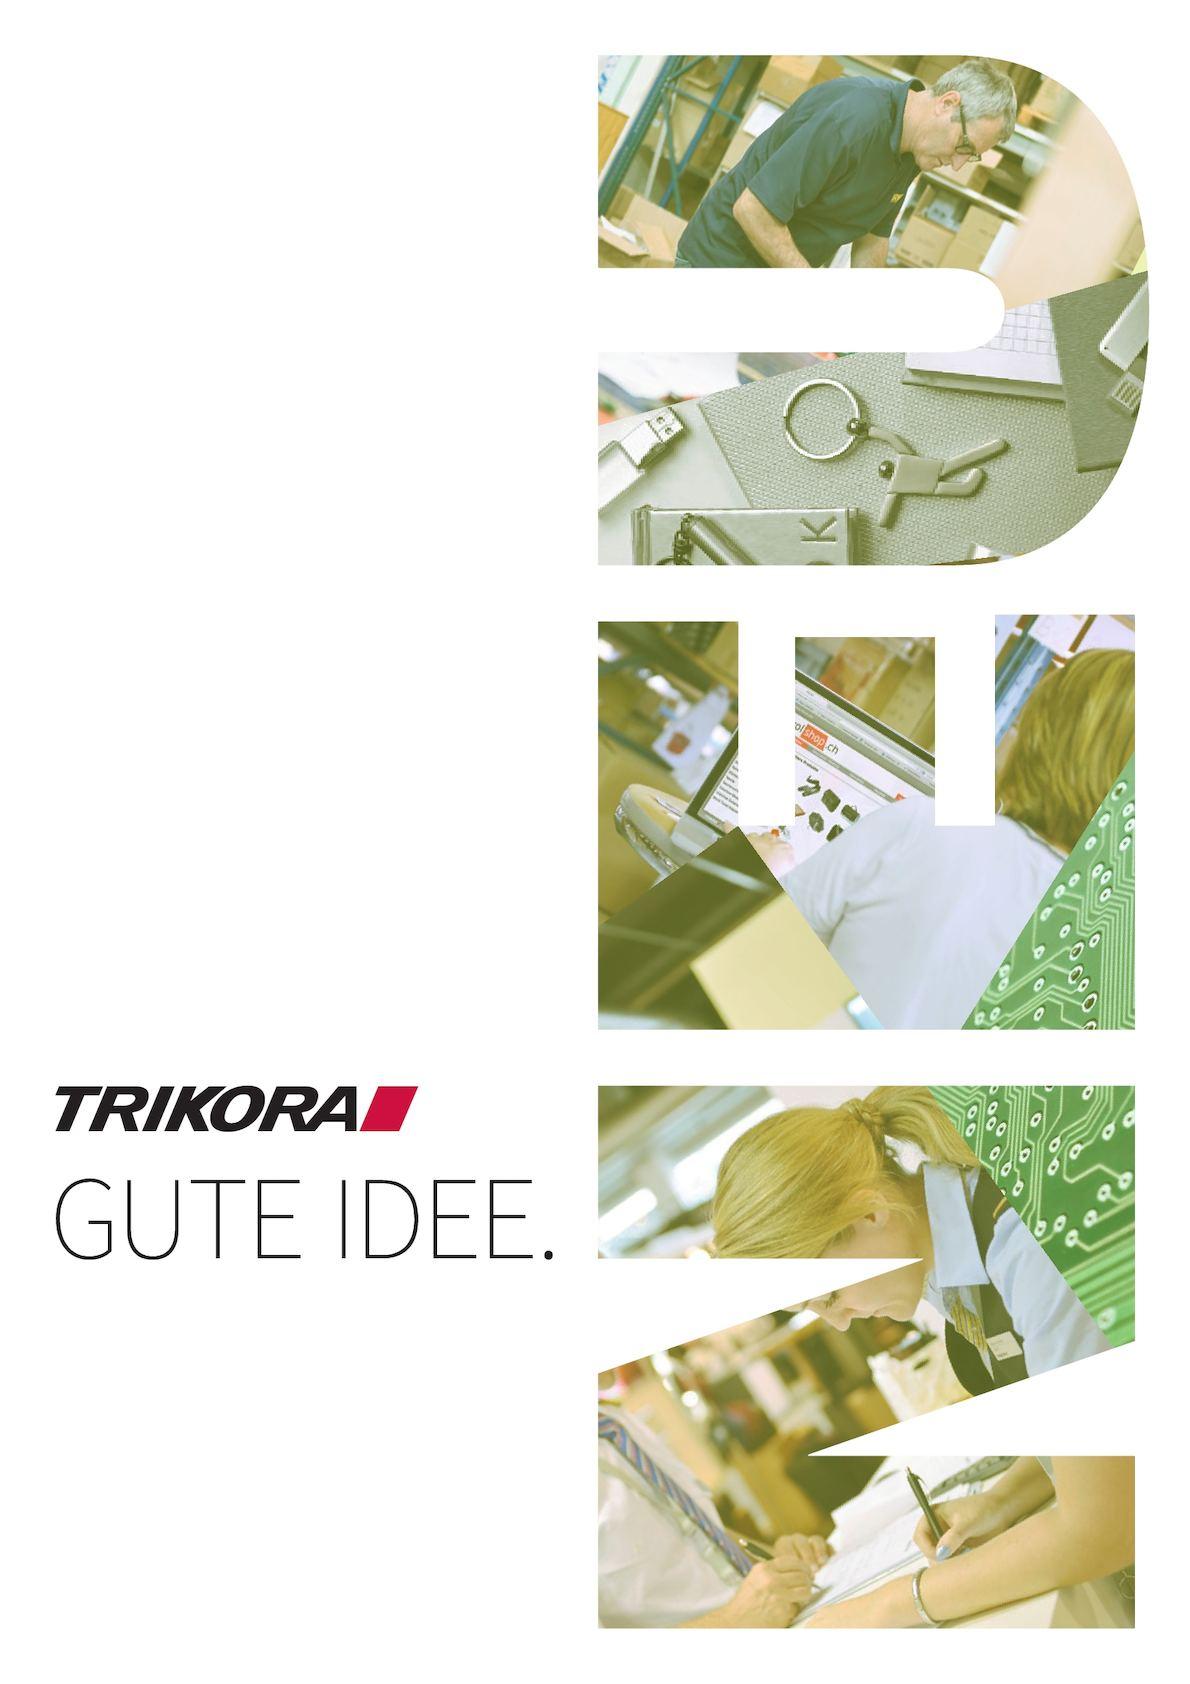 Calaméo - TRIKORA Werbeartikel-Katalog 2017 Ideengeber Januar